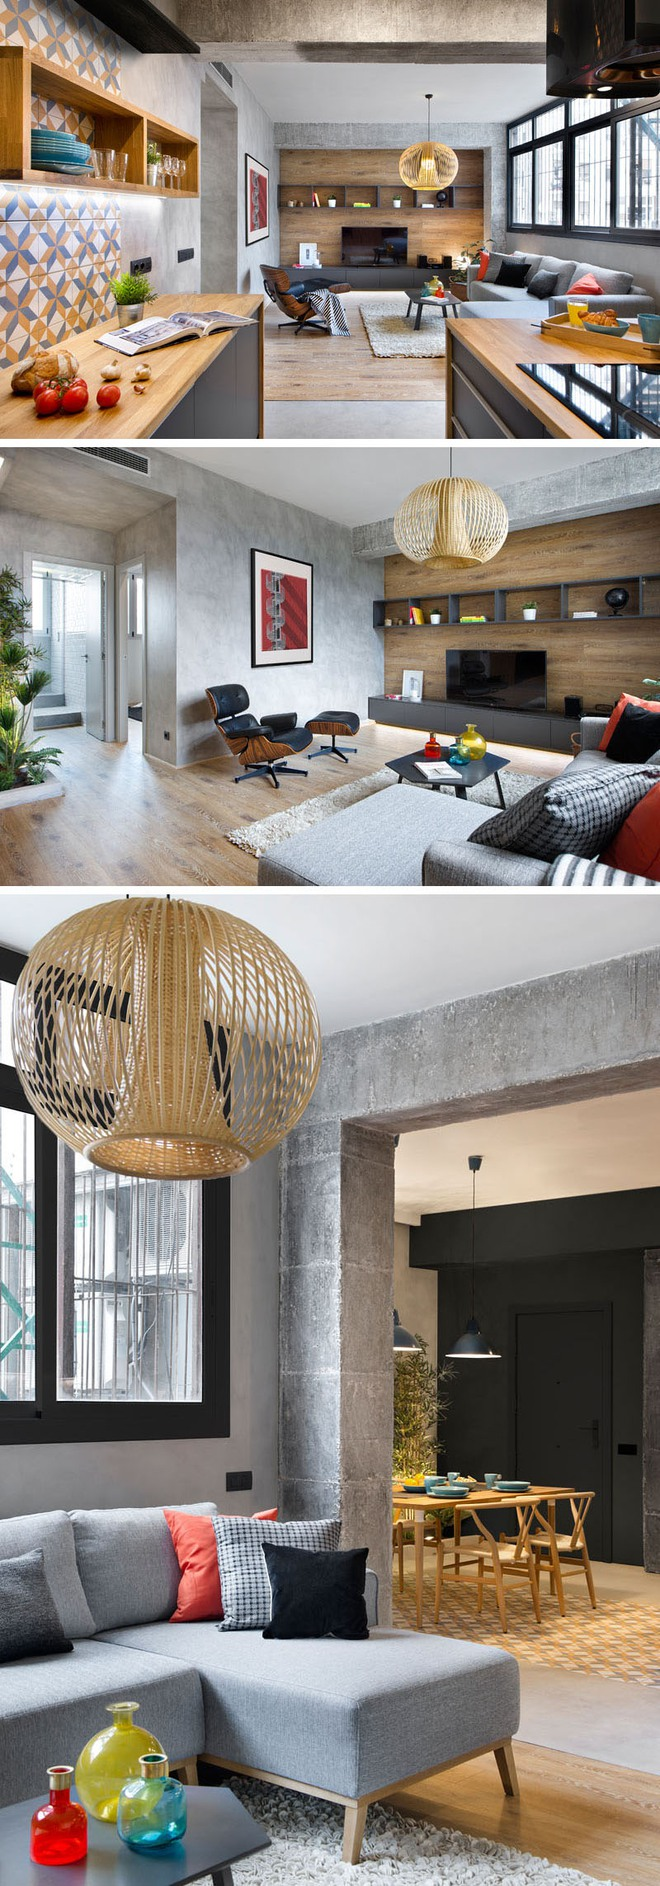 Chiêm ngưỡng căn hộ đầy lôi cuốn nhờ sự kết hợp ấn tượng của bê tông, gỗ, gạch ốp và màu đen - Ảnh 4.